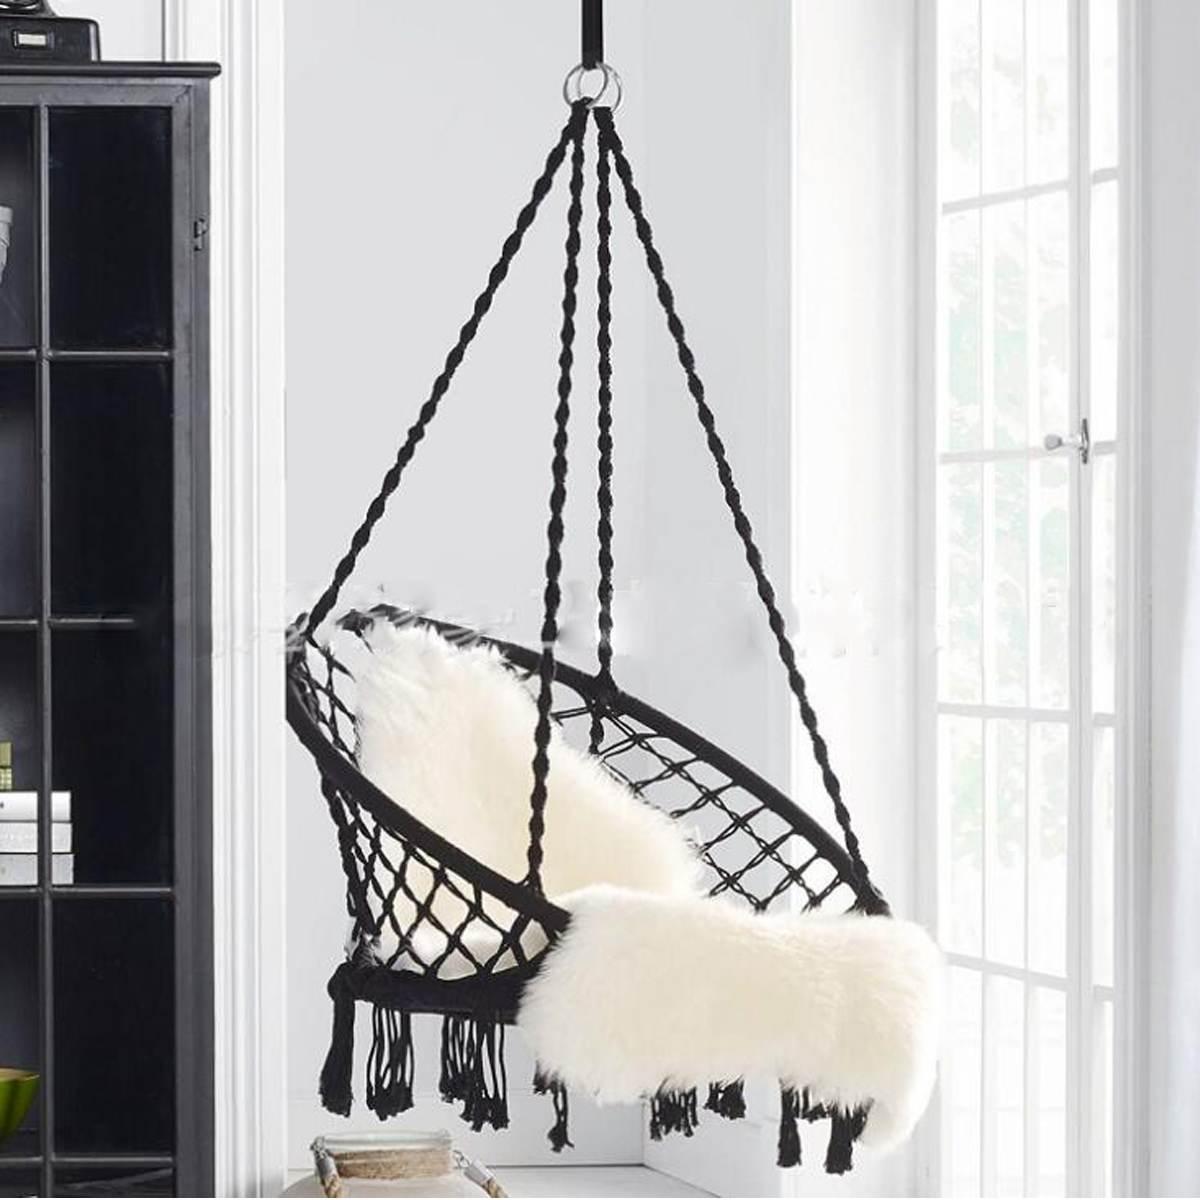 Style nordique hamac rond extérieur intérieur dortoir chambre pour enfant adulte balançoire chaise suspendue hamac